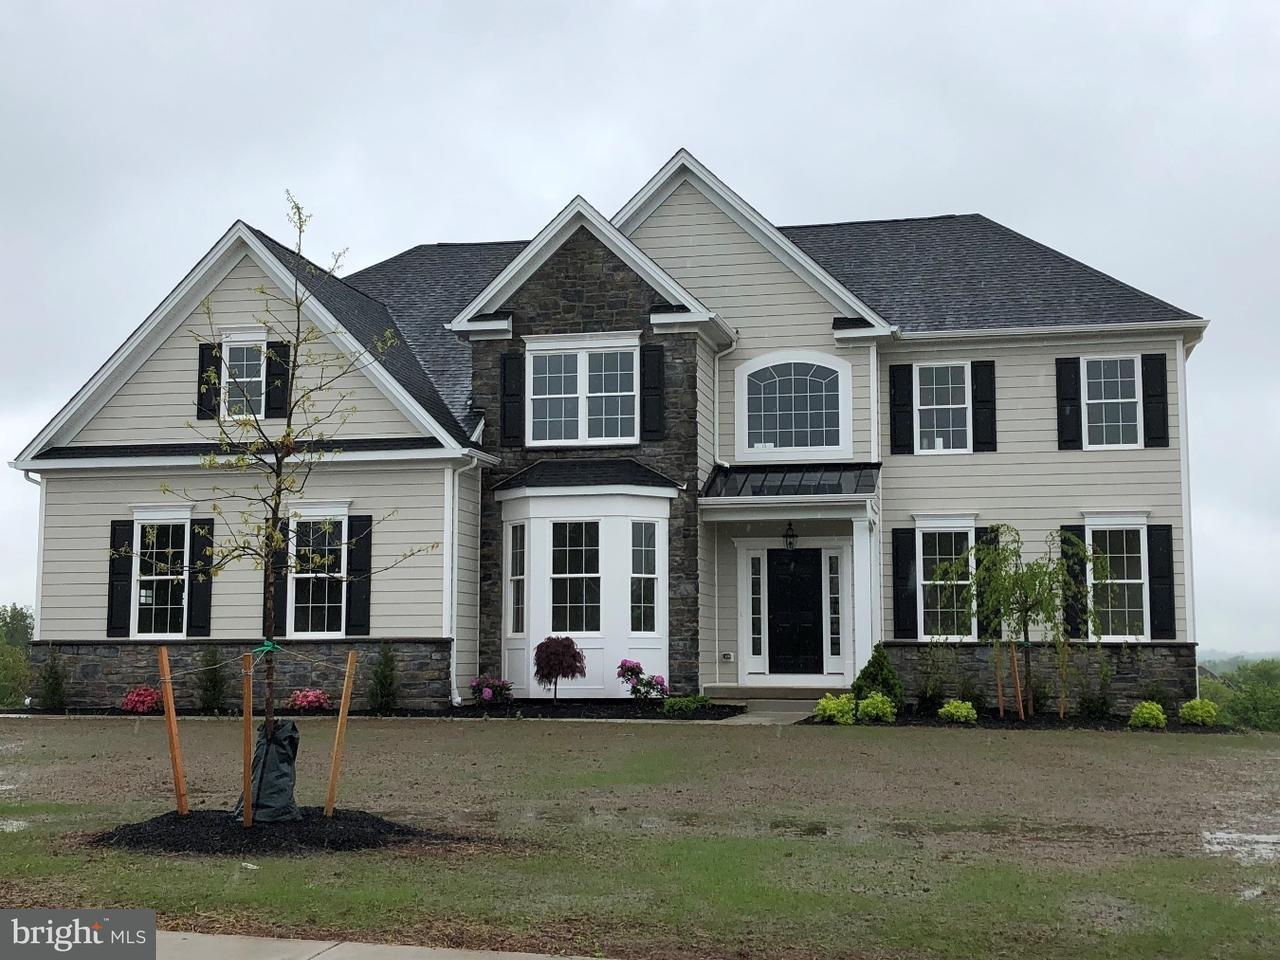 独户住宅 为 销售 在 345 ALEXANDER Drive Telford, 宾夕法尼亚州 18969 美国